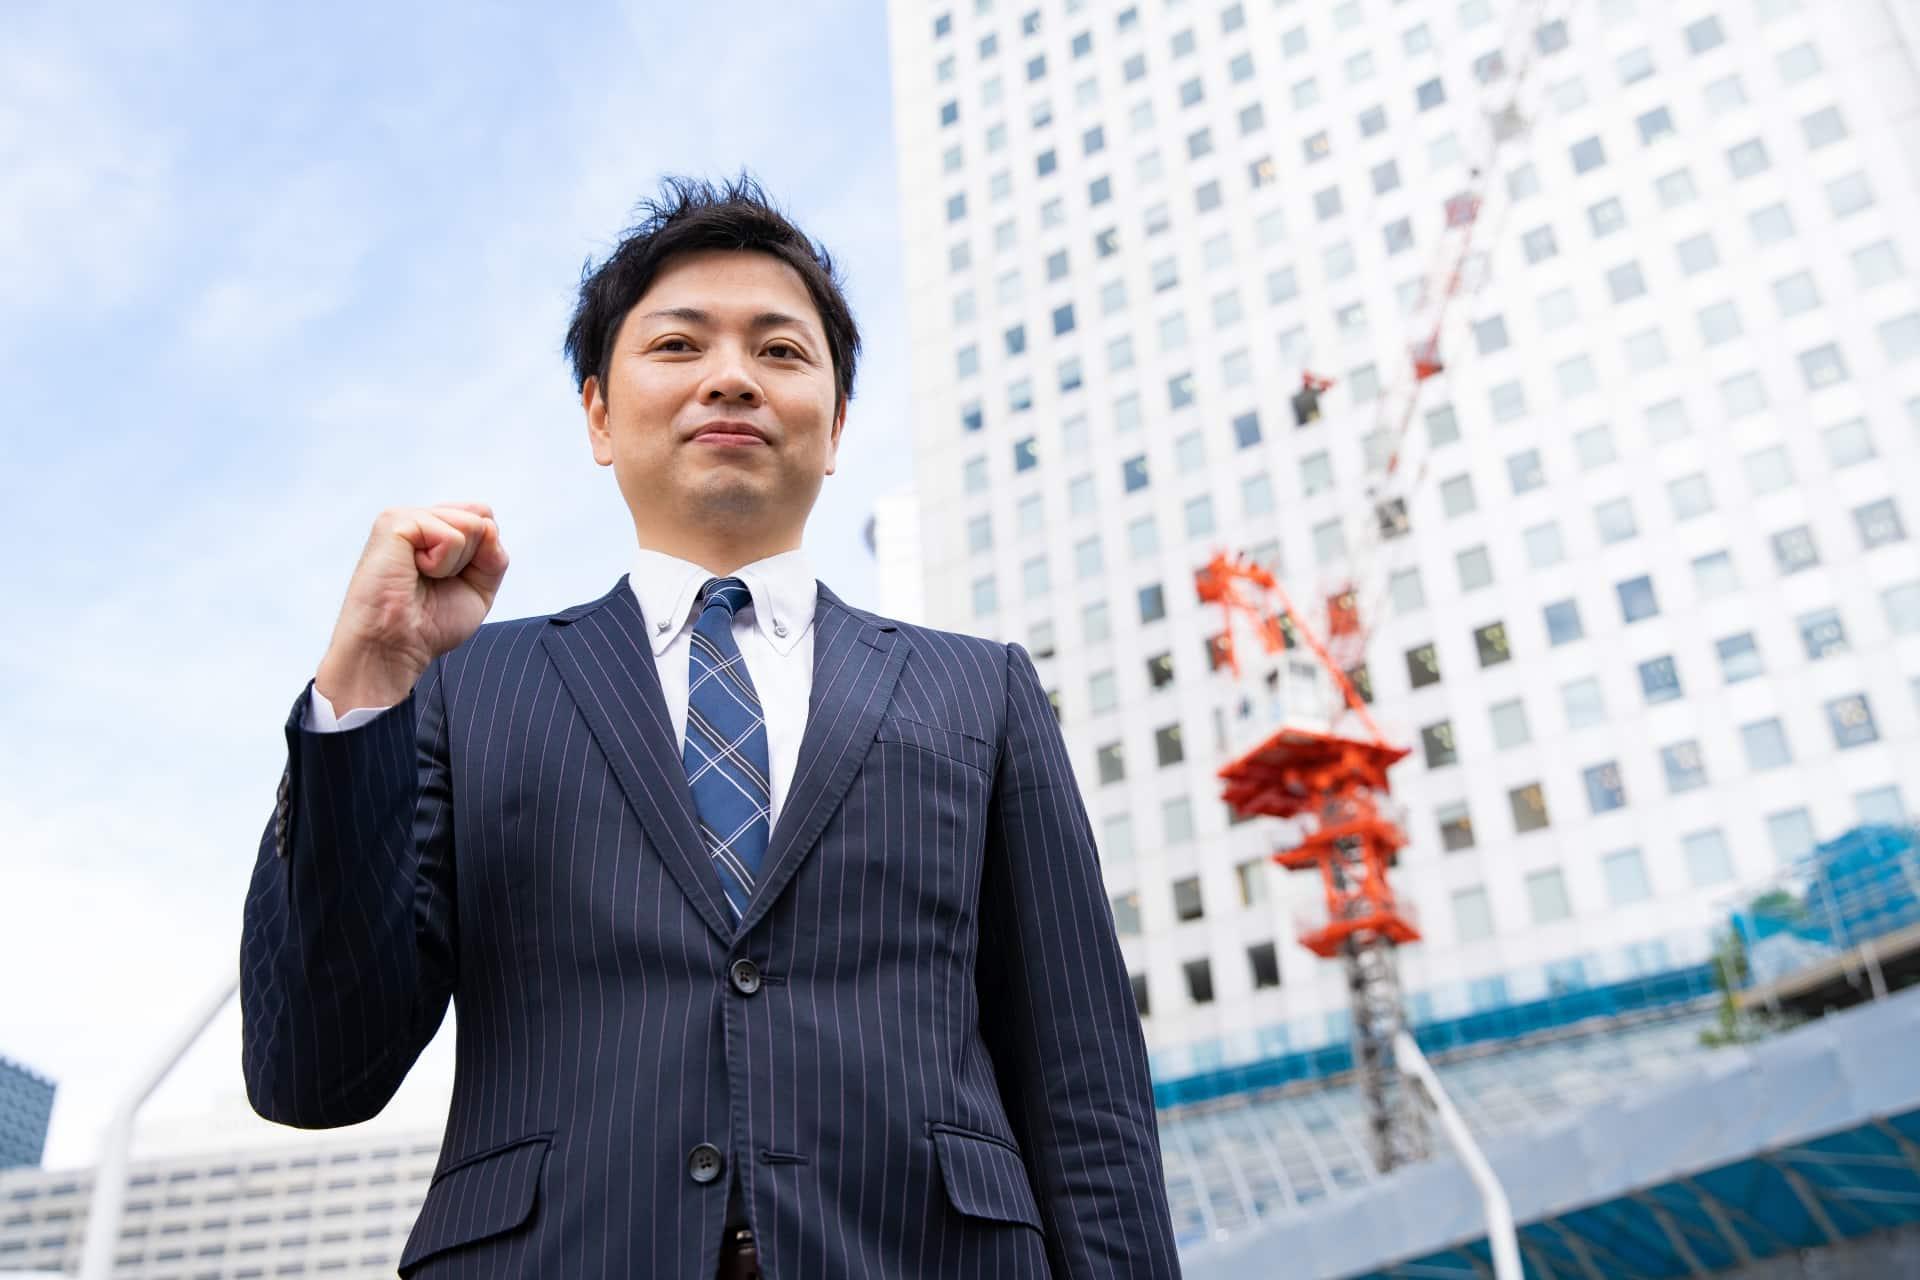 ゼネコンとは-就活生が知るべきゼネコンの仕事内容や企業を紹介-